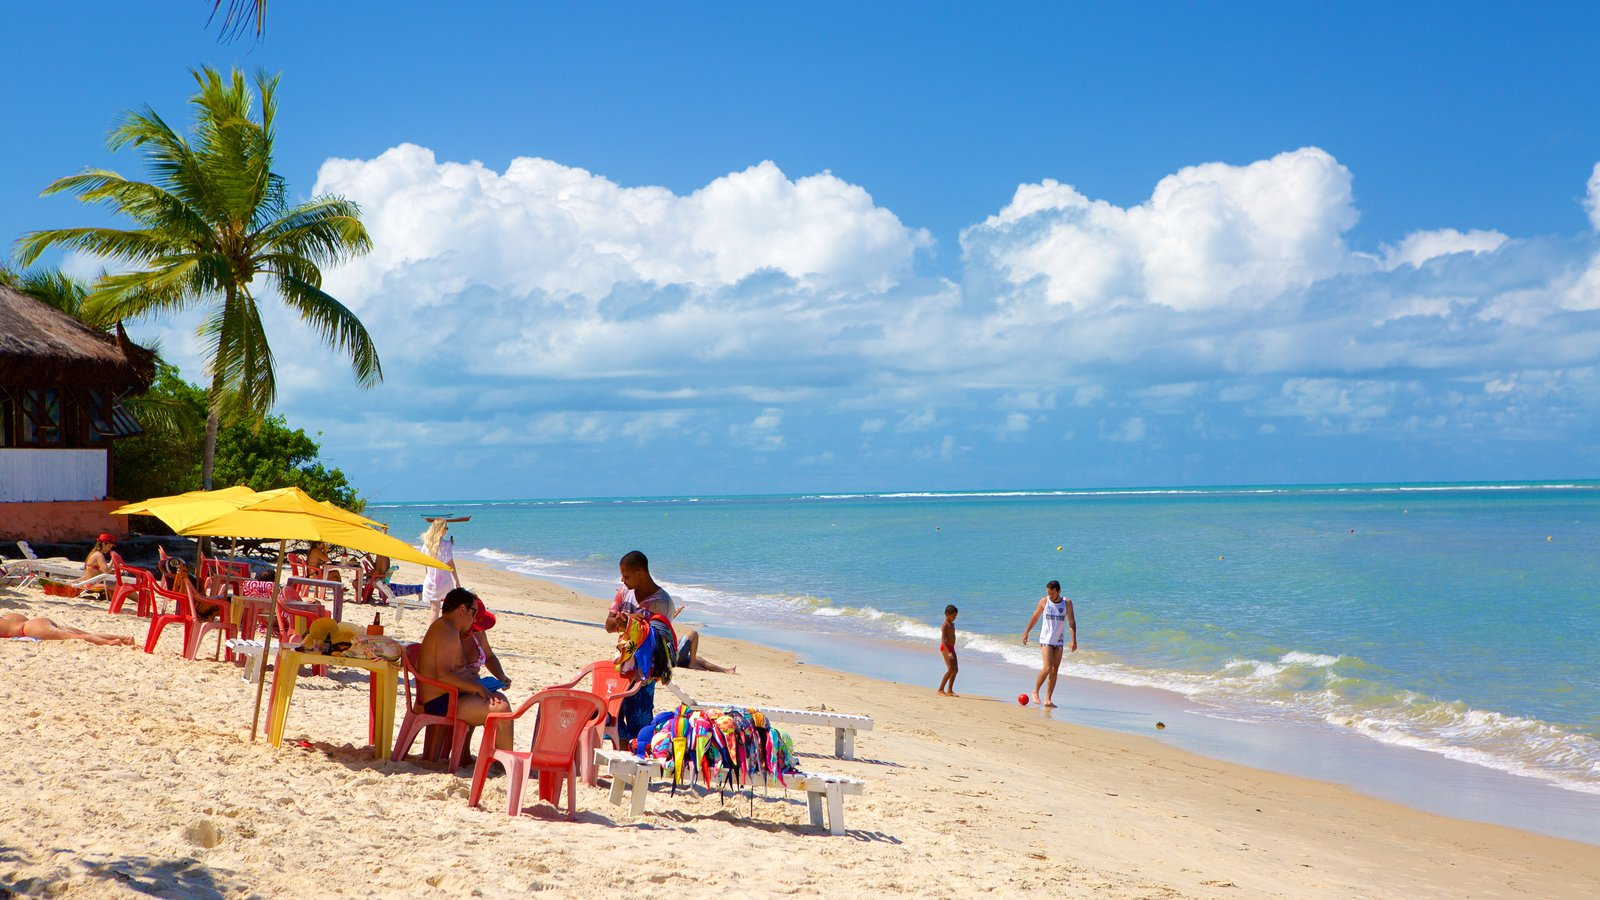 Praia do Mutá caracterizando cenas tropicais, uma praia de areia e paisagens litorâneas